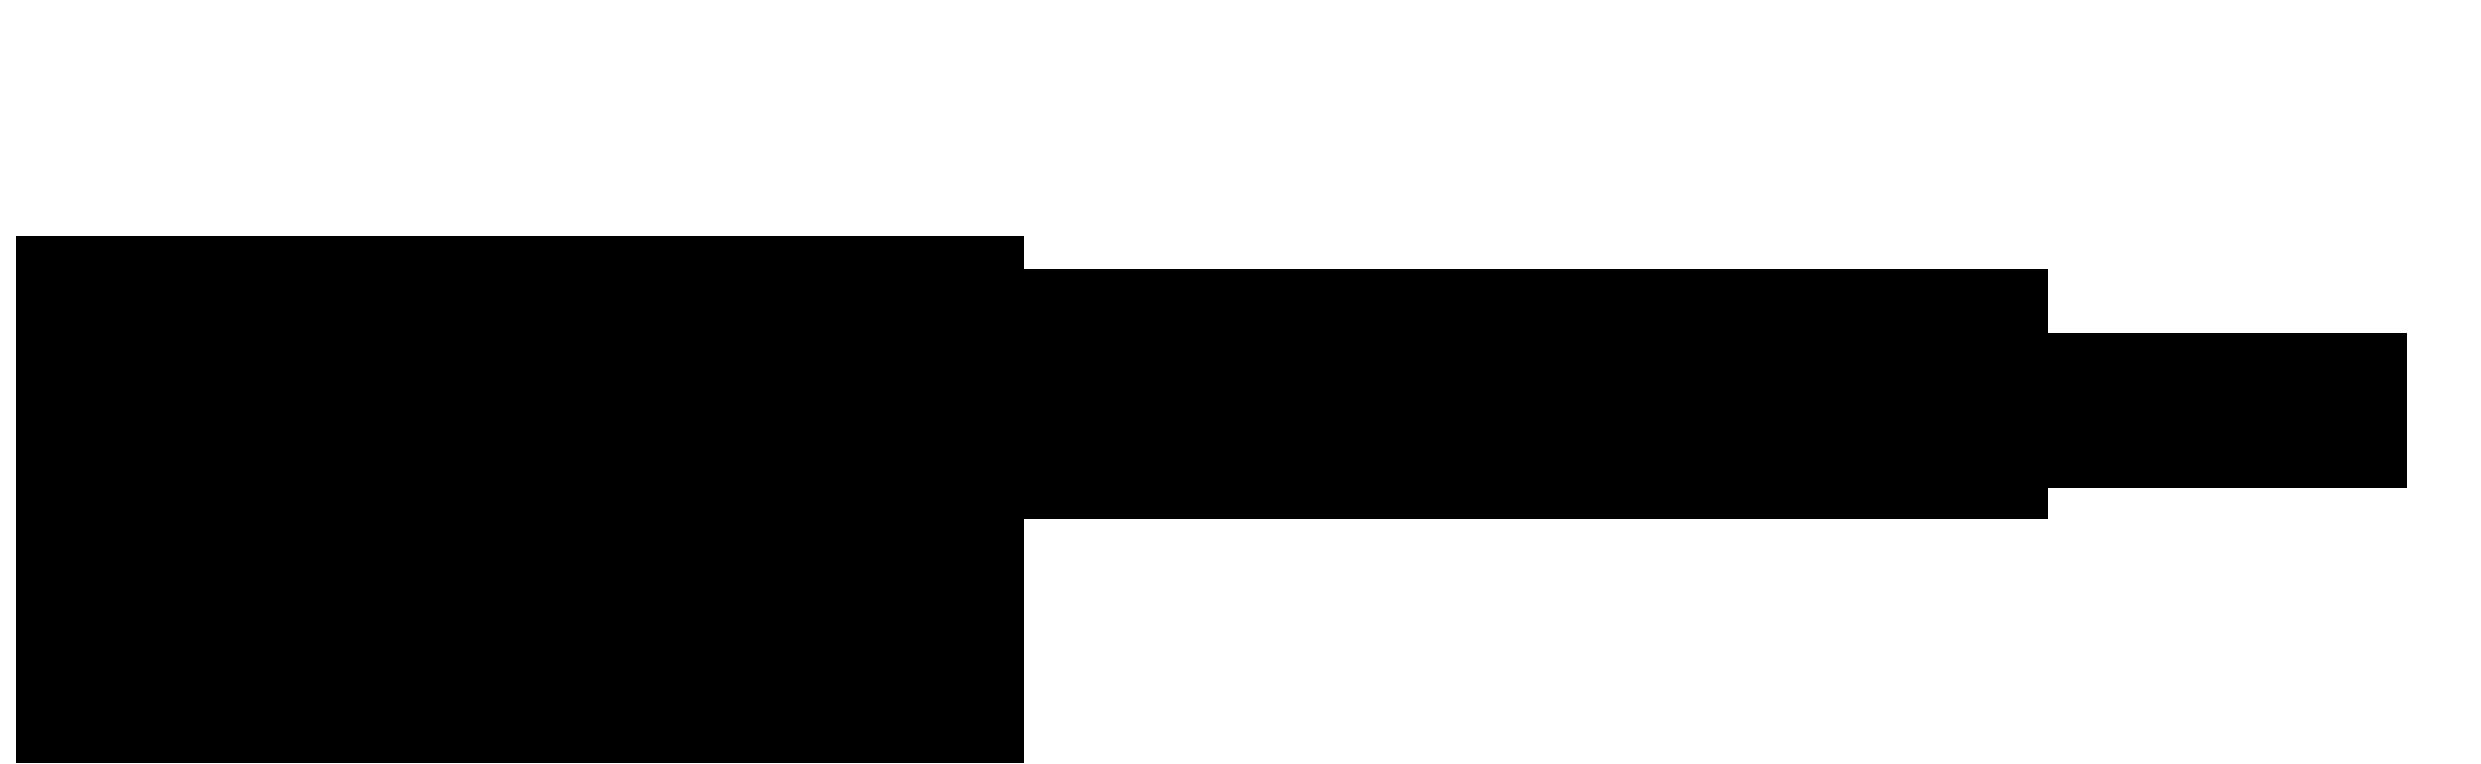 AlidA O. CoRdero's Signature